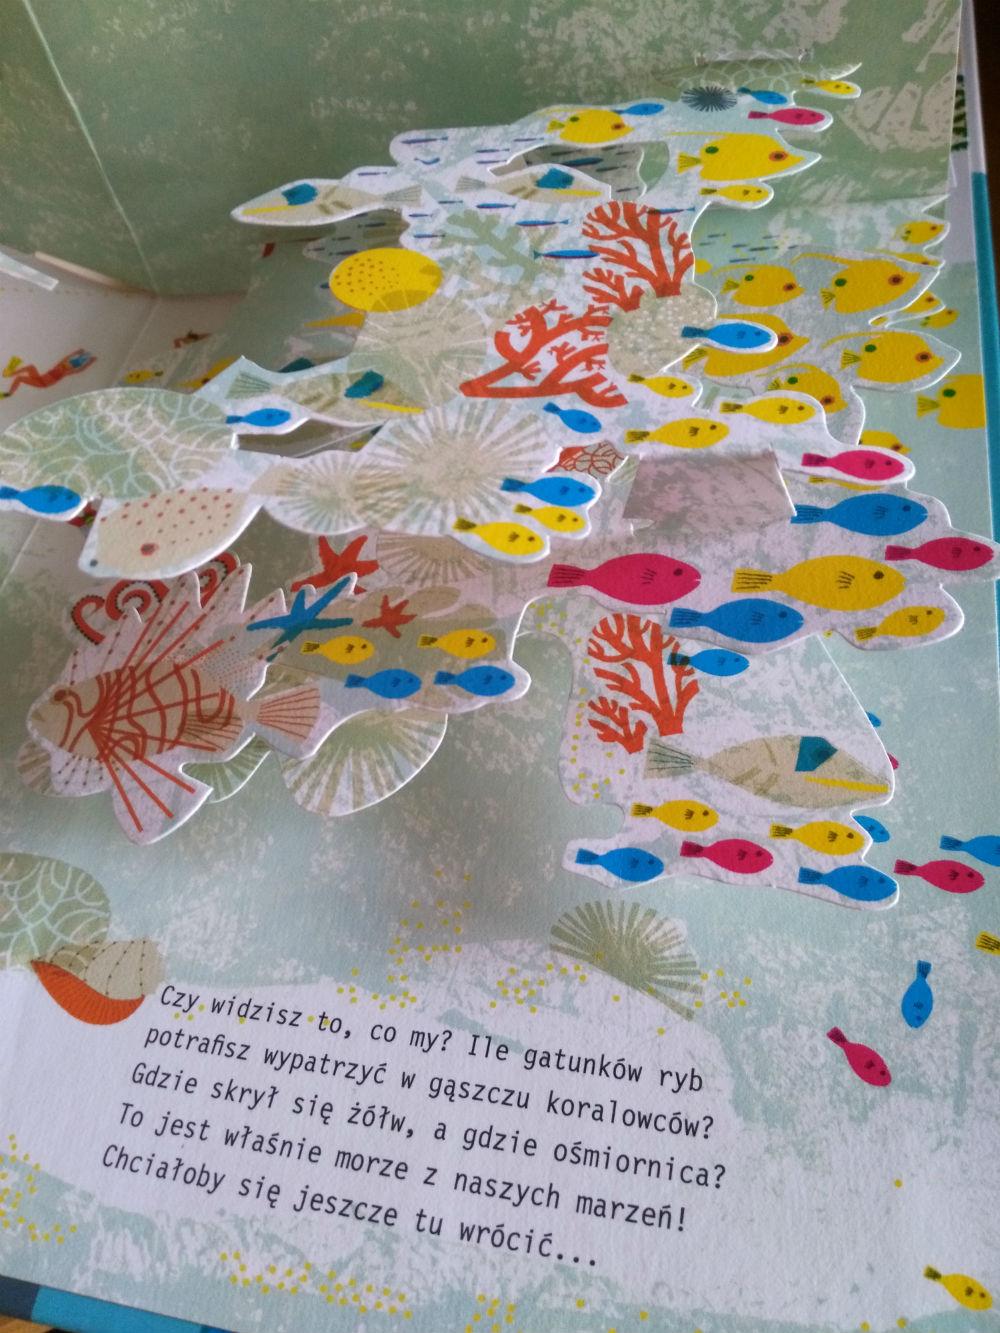 W głębinach oceanu przestrzenna książka dla przedszkolaka